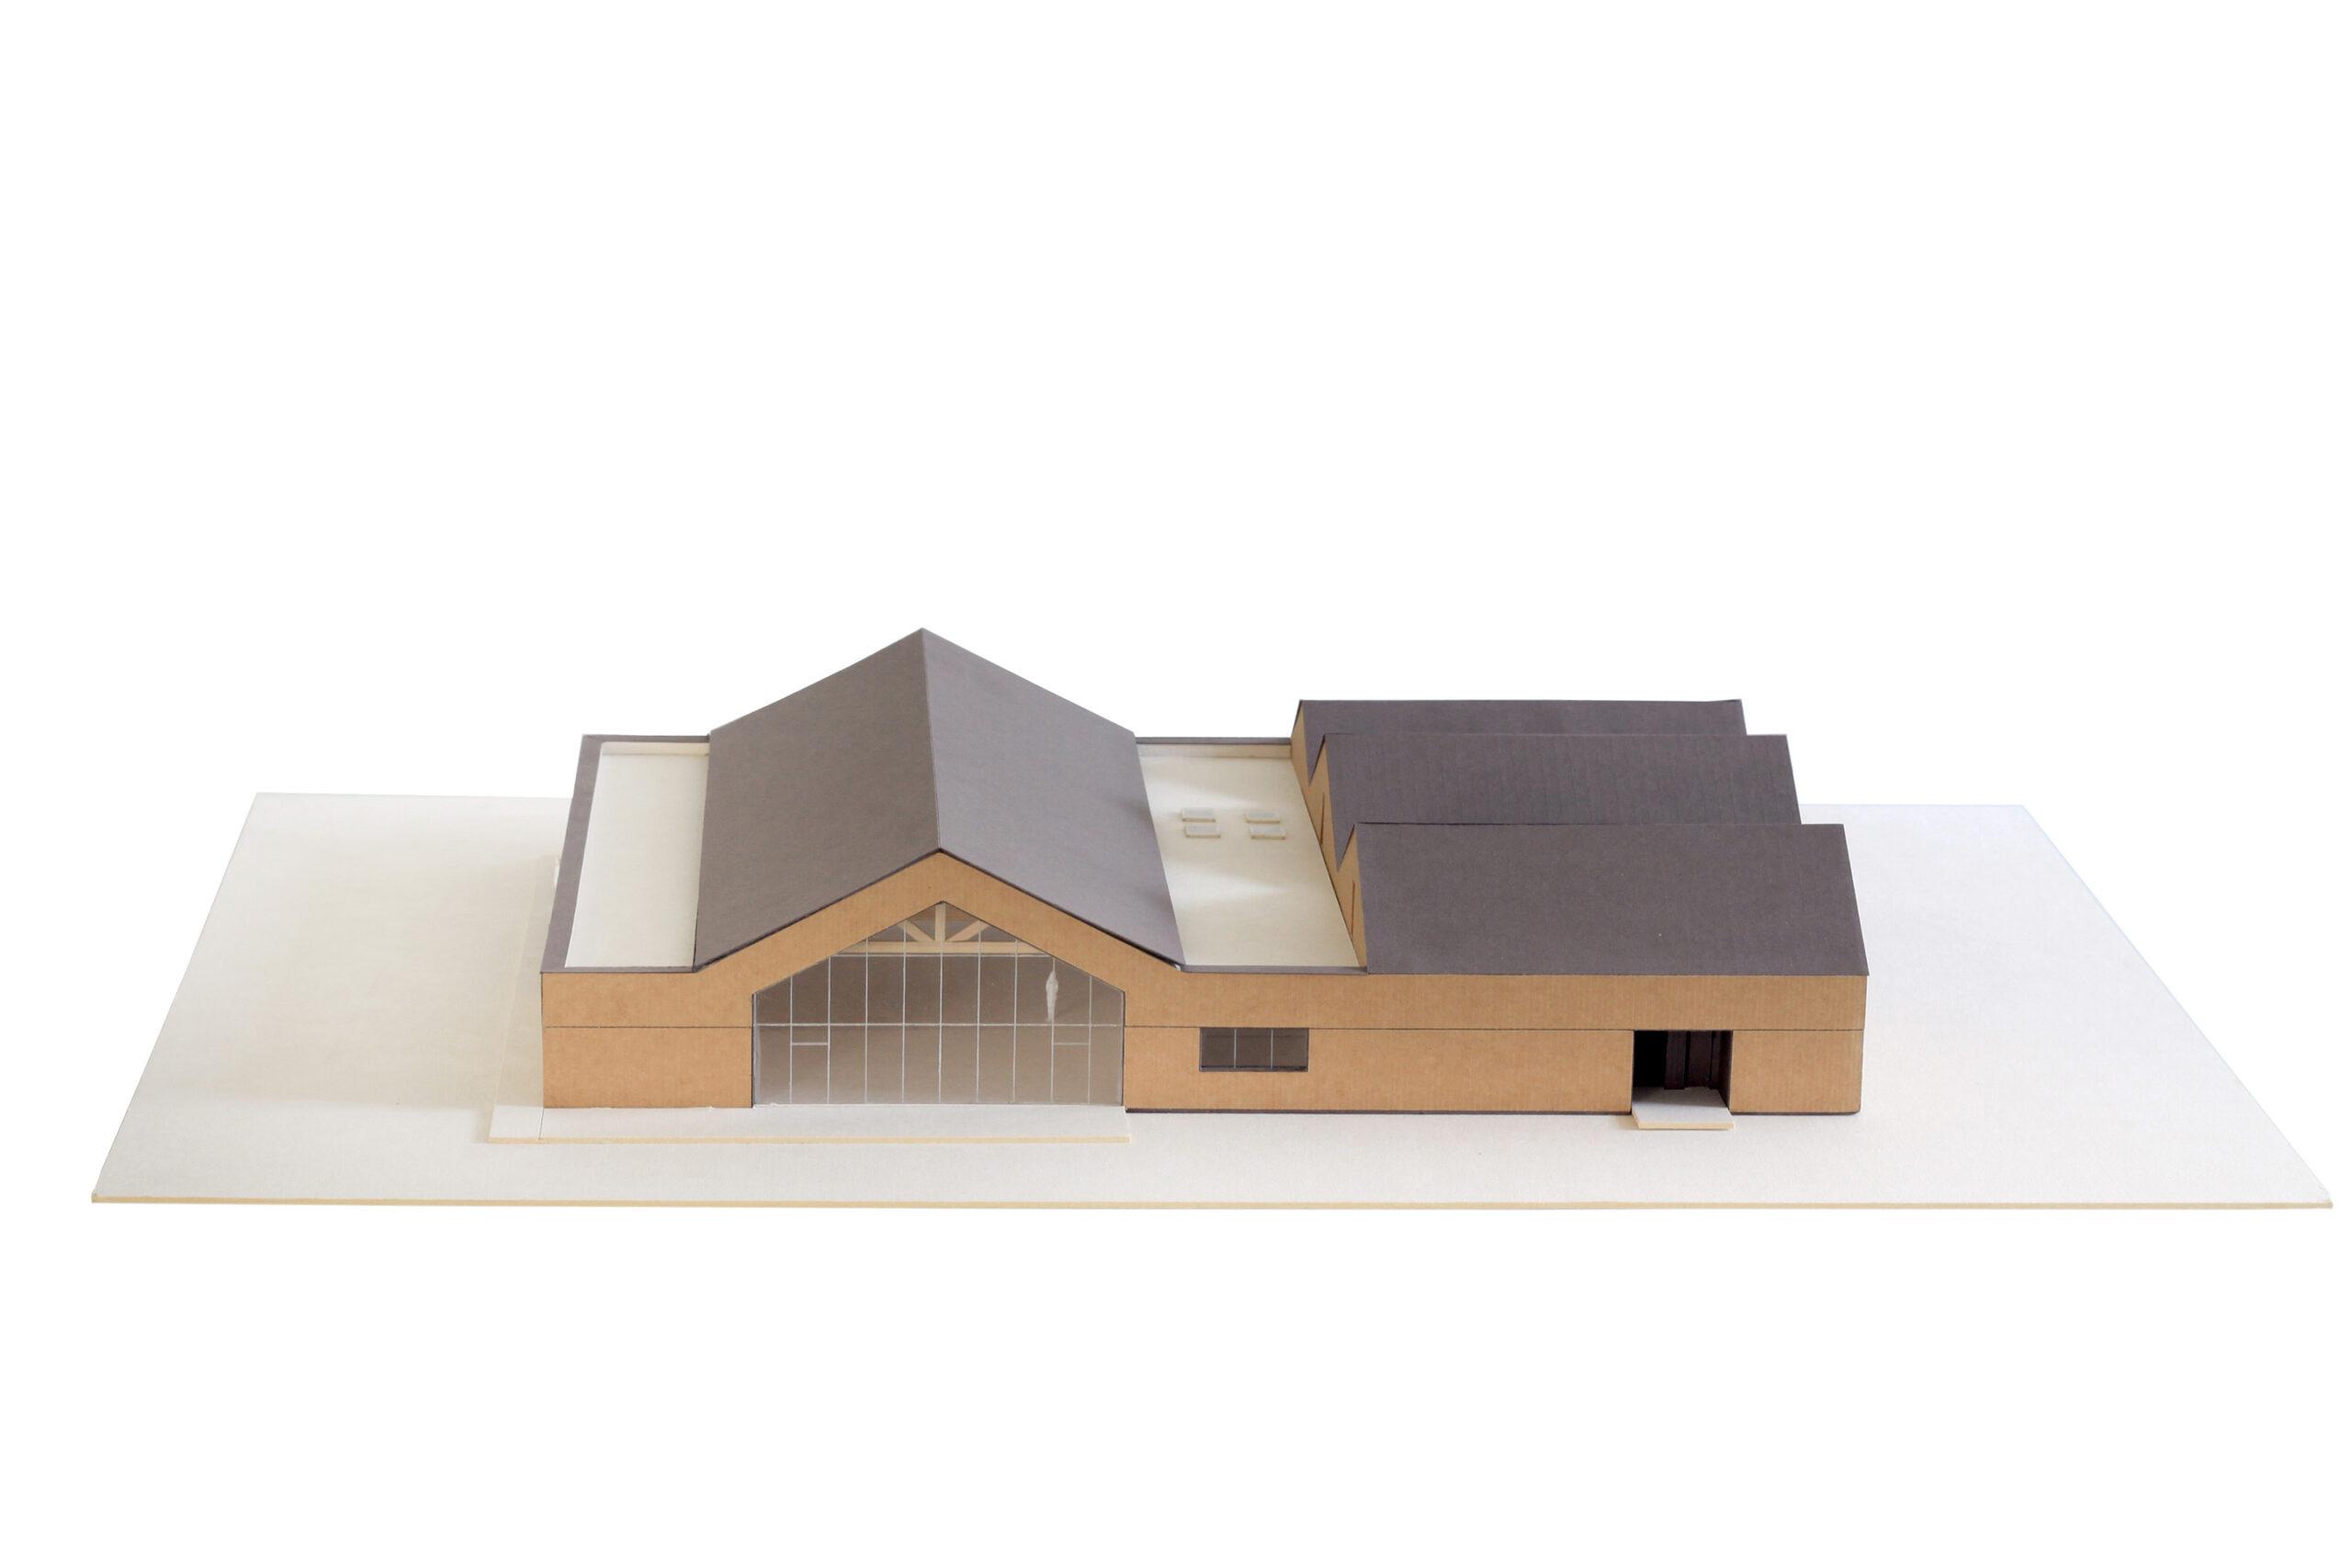 Dom-Weselny-Lubaszka-model-foto-02a-MEEKO